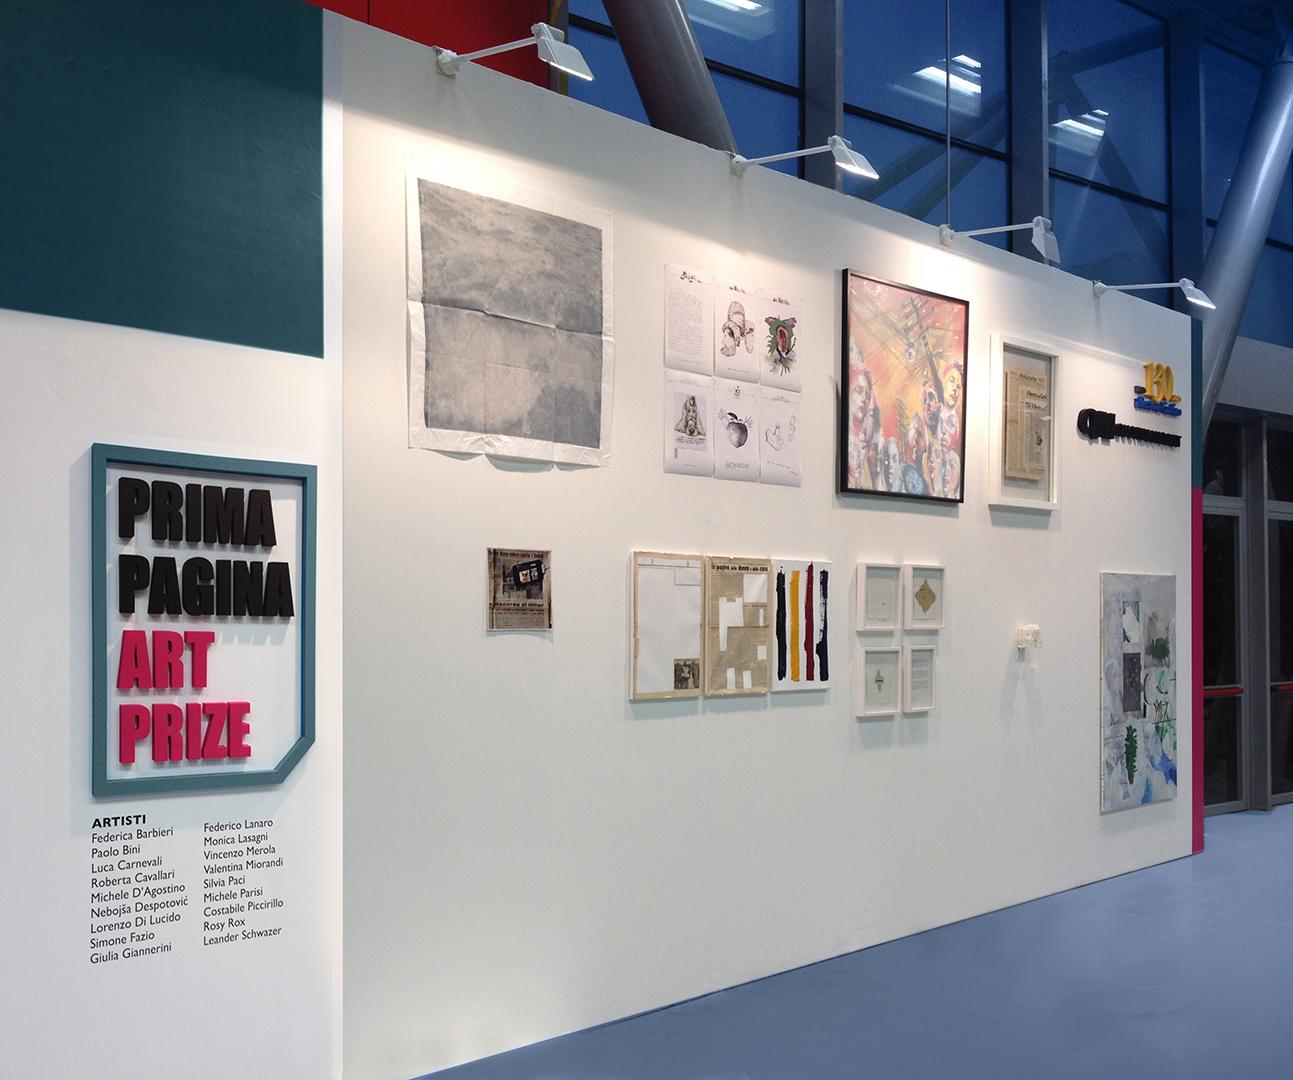 INTERA 33-DPrima Pagina Art Prize Poligrafici Editoriale